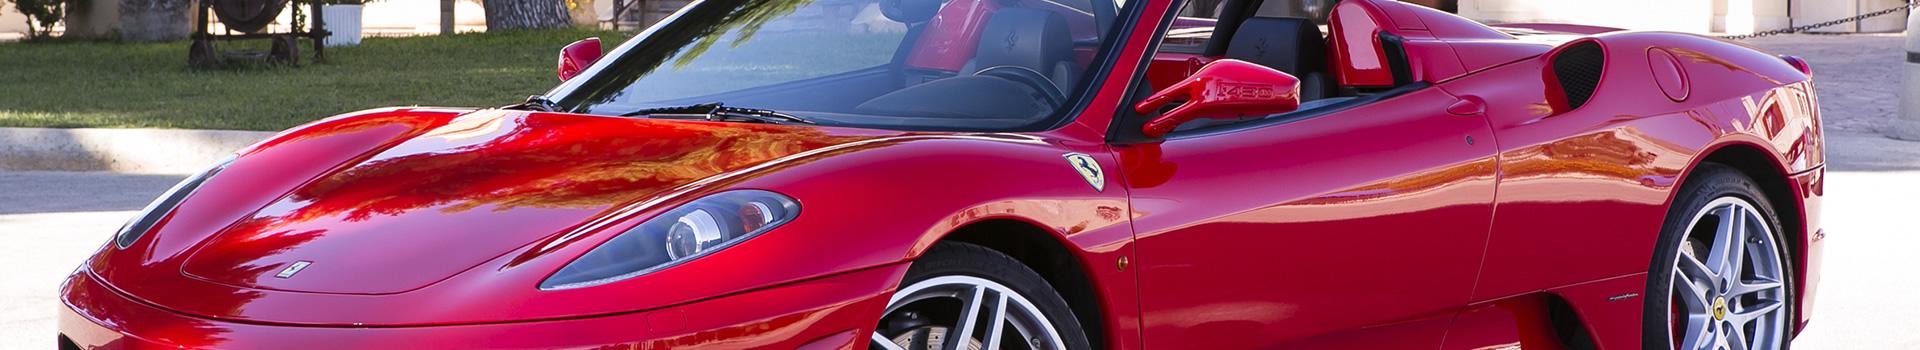 Riparazioni e verniciatura auto prestigiose e di lusso, carrozzerie in lamiera e in fibra di carbonio a Torino.